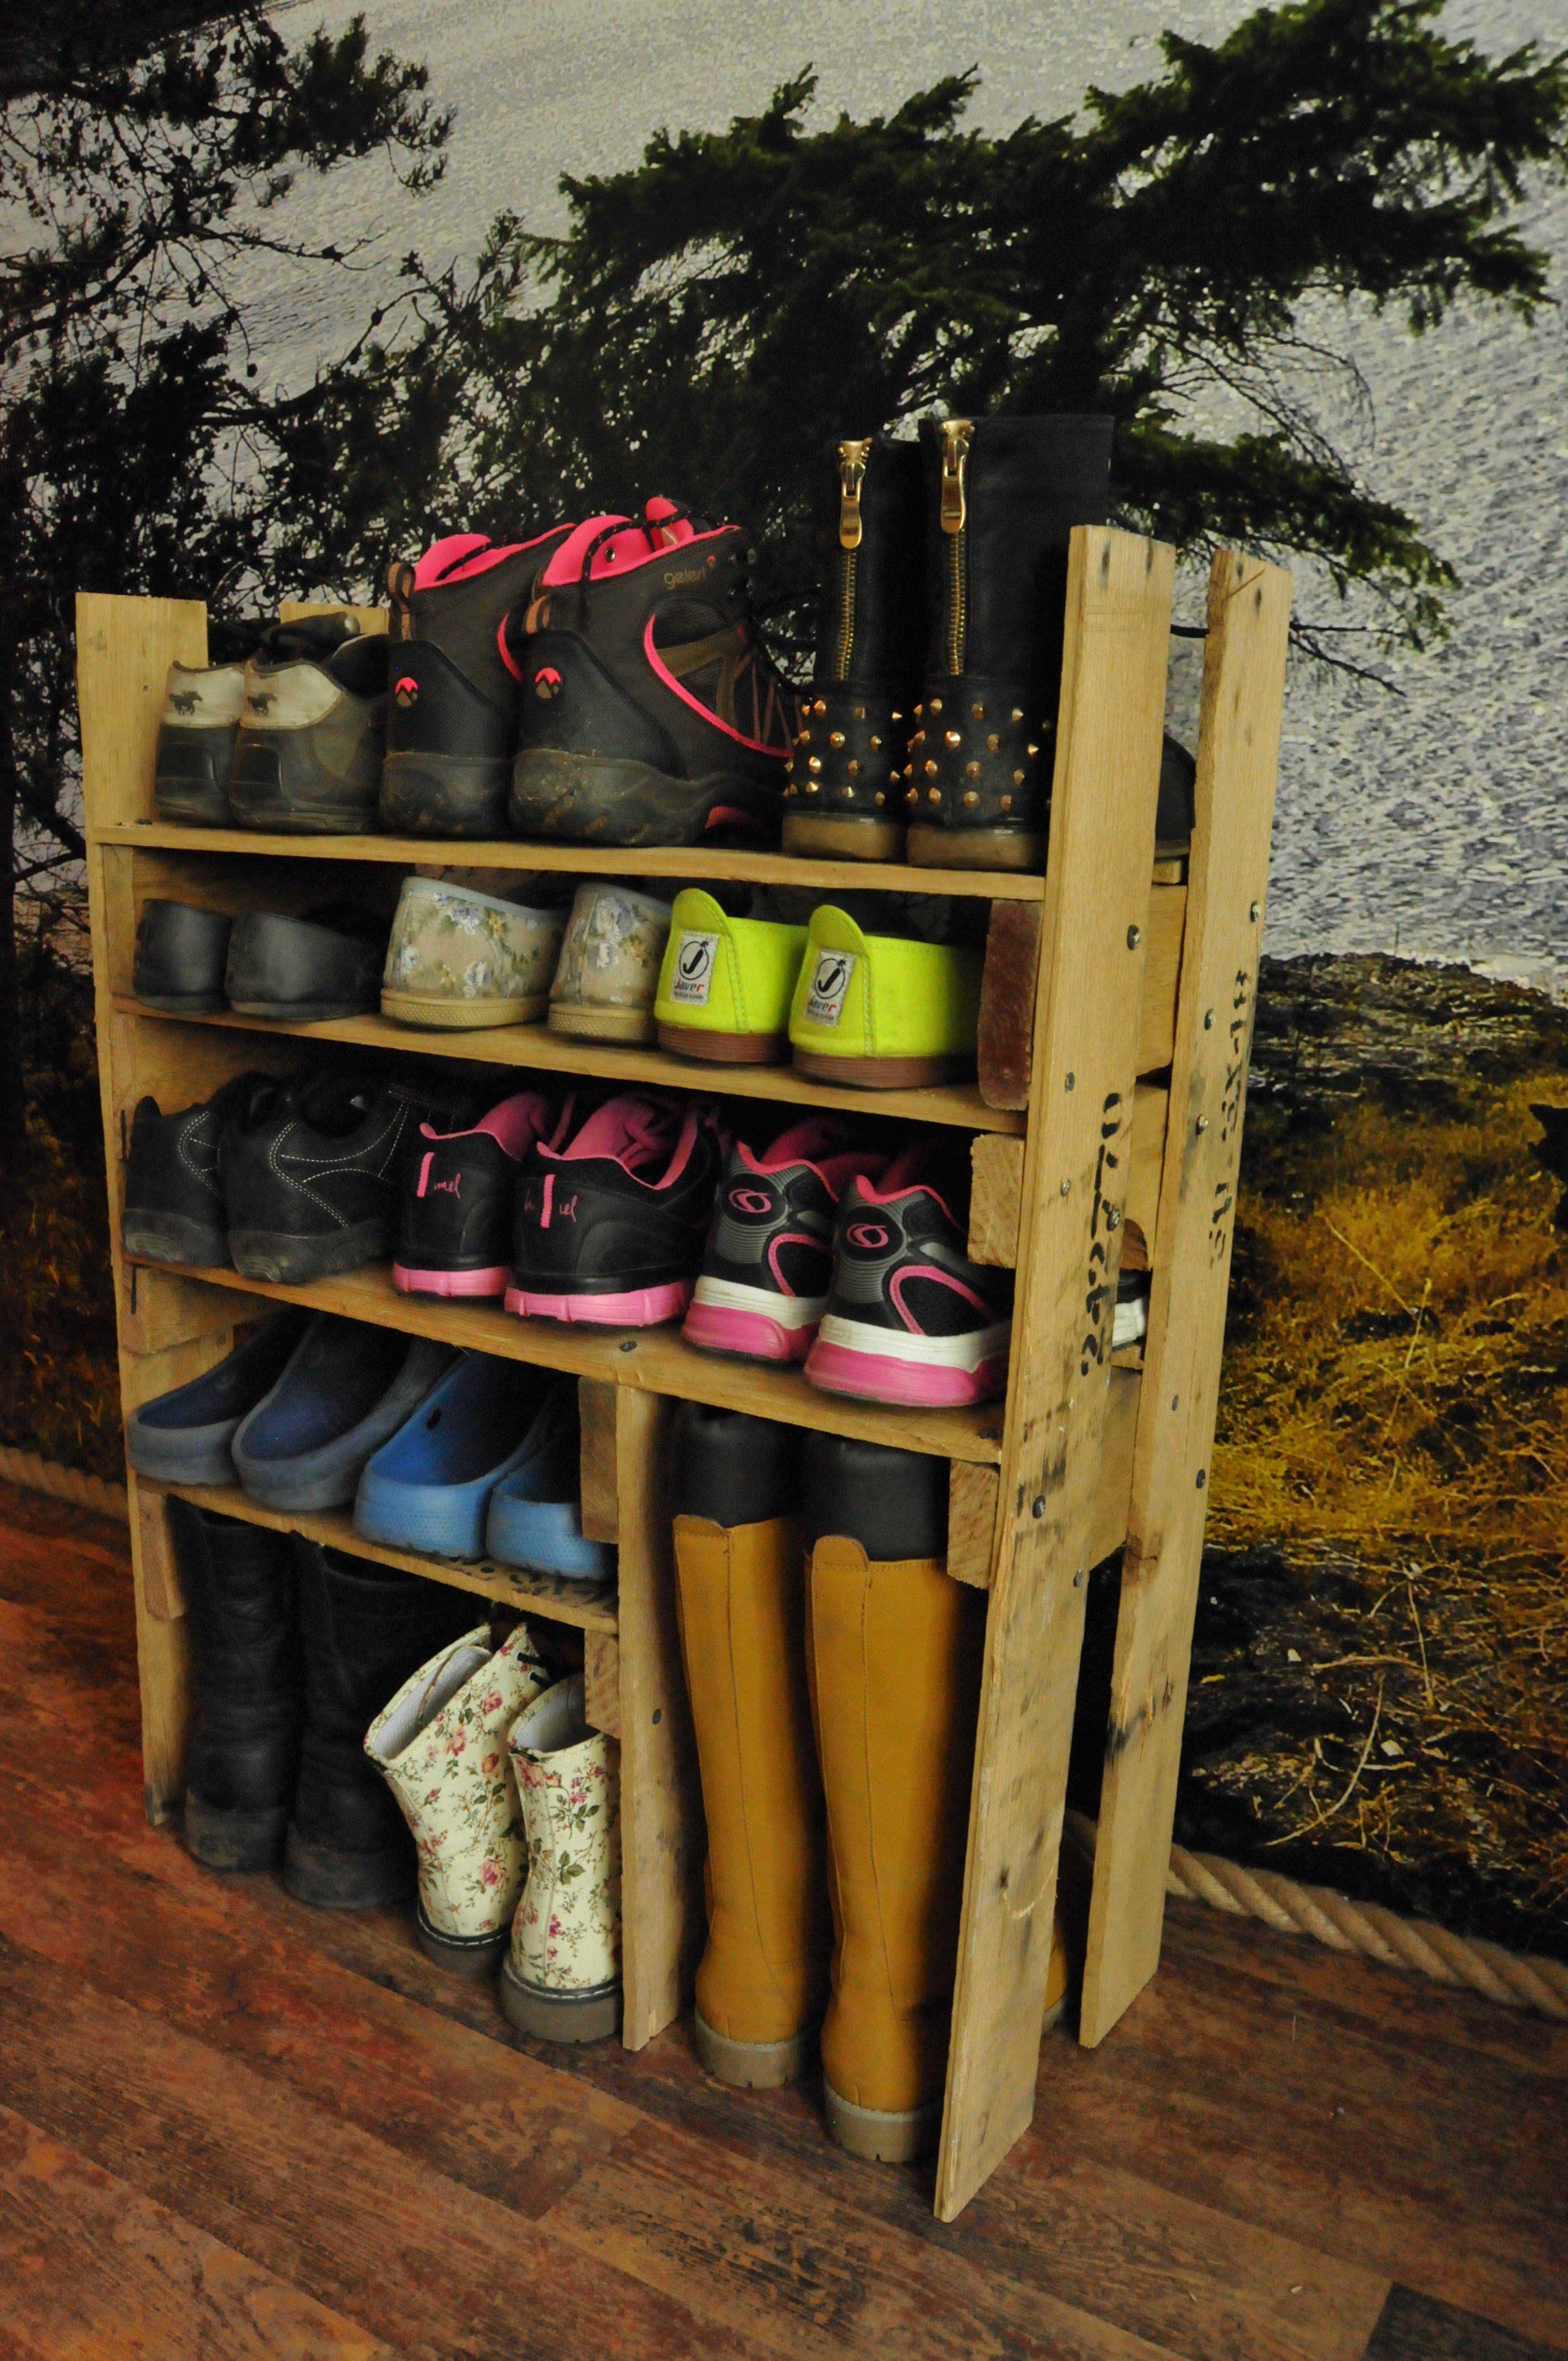 Diy Shoe Shelf From Pallets